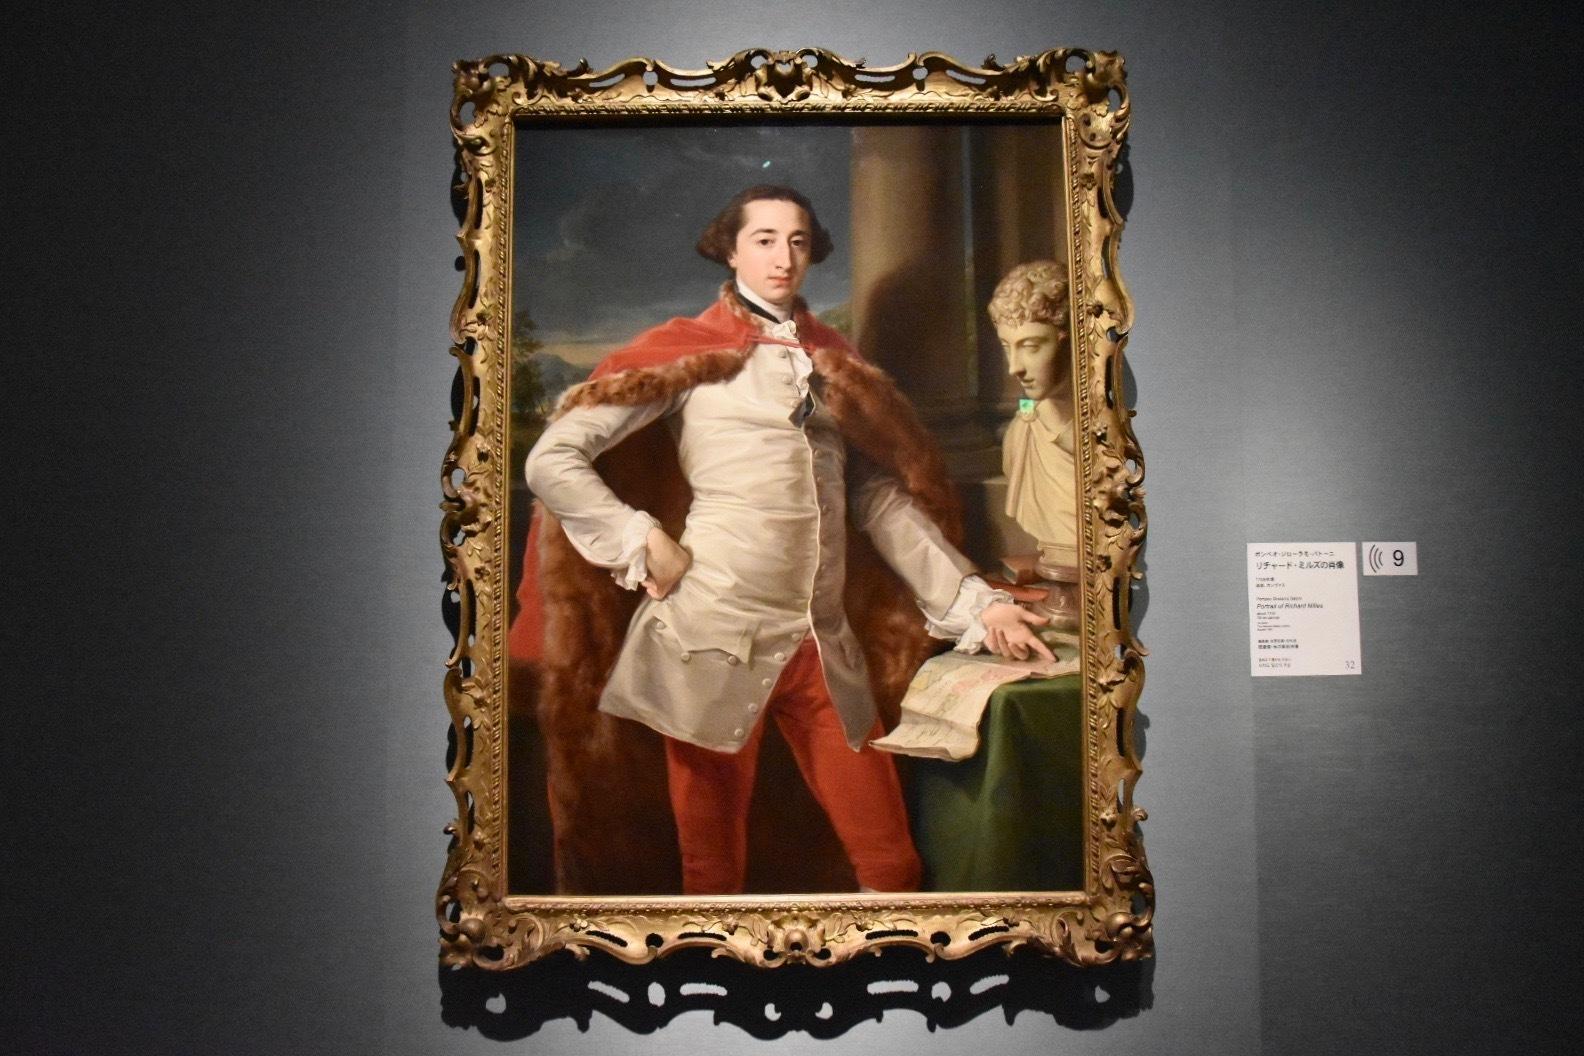 ポンペオ・ジローラモ・バトーニ《リチャード・ミルズの肖像》1759年頃